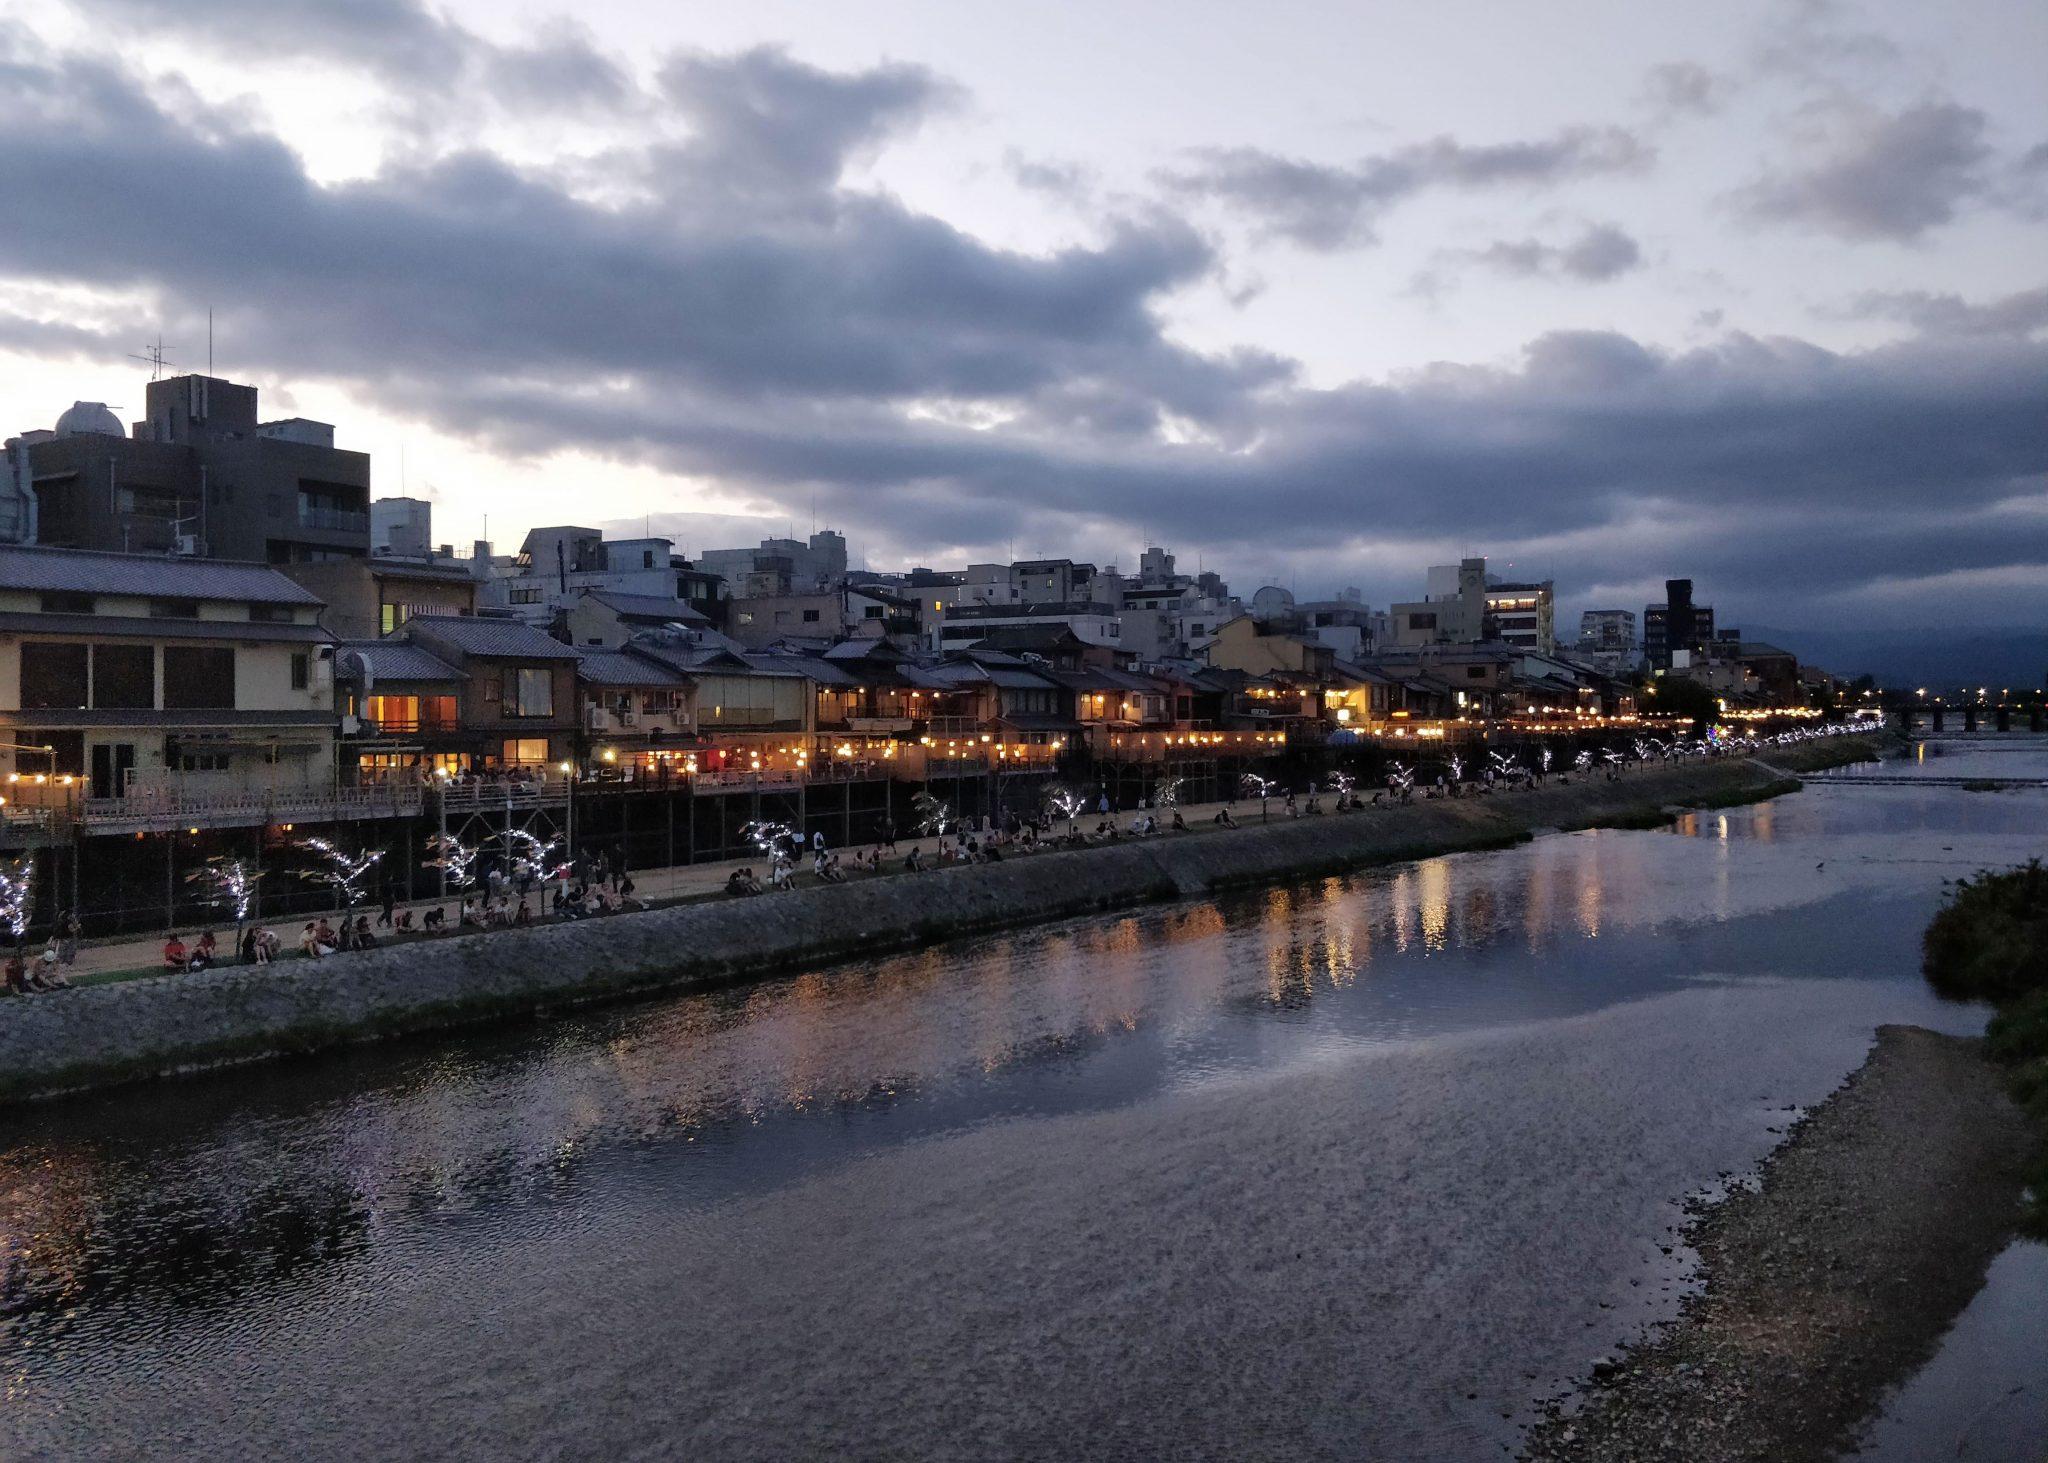 Kioton joki sinisellä hetkellä ja vastarannan valoja